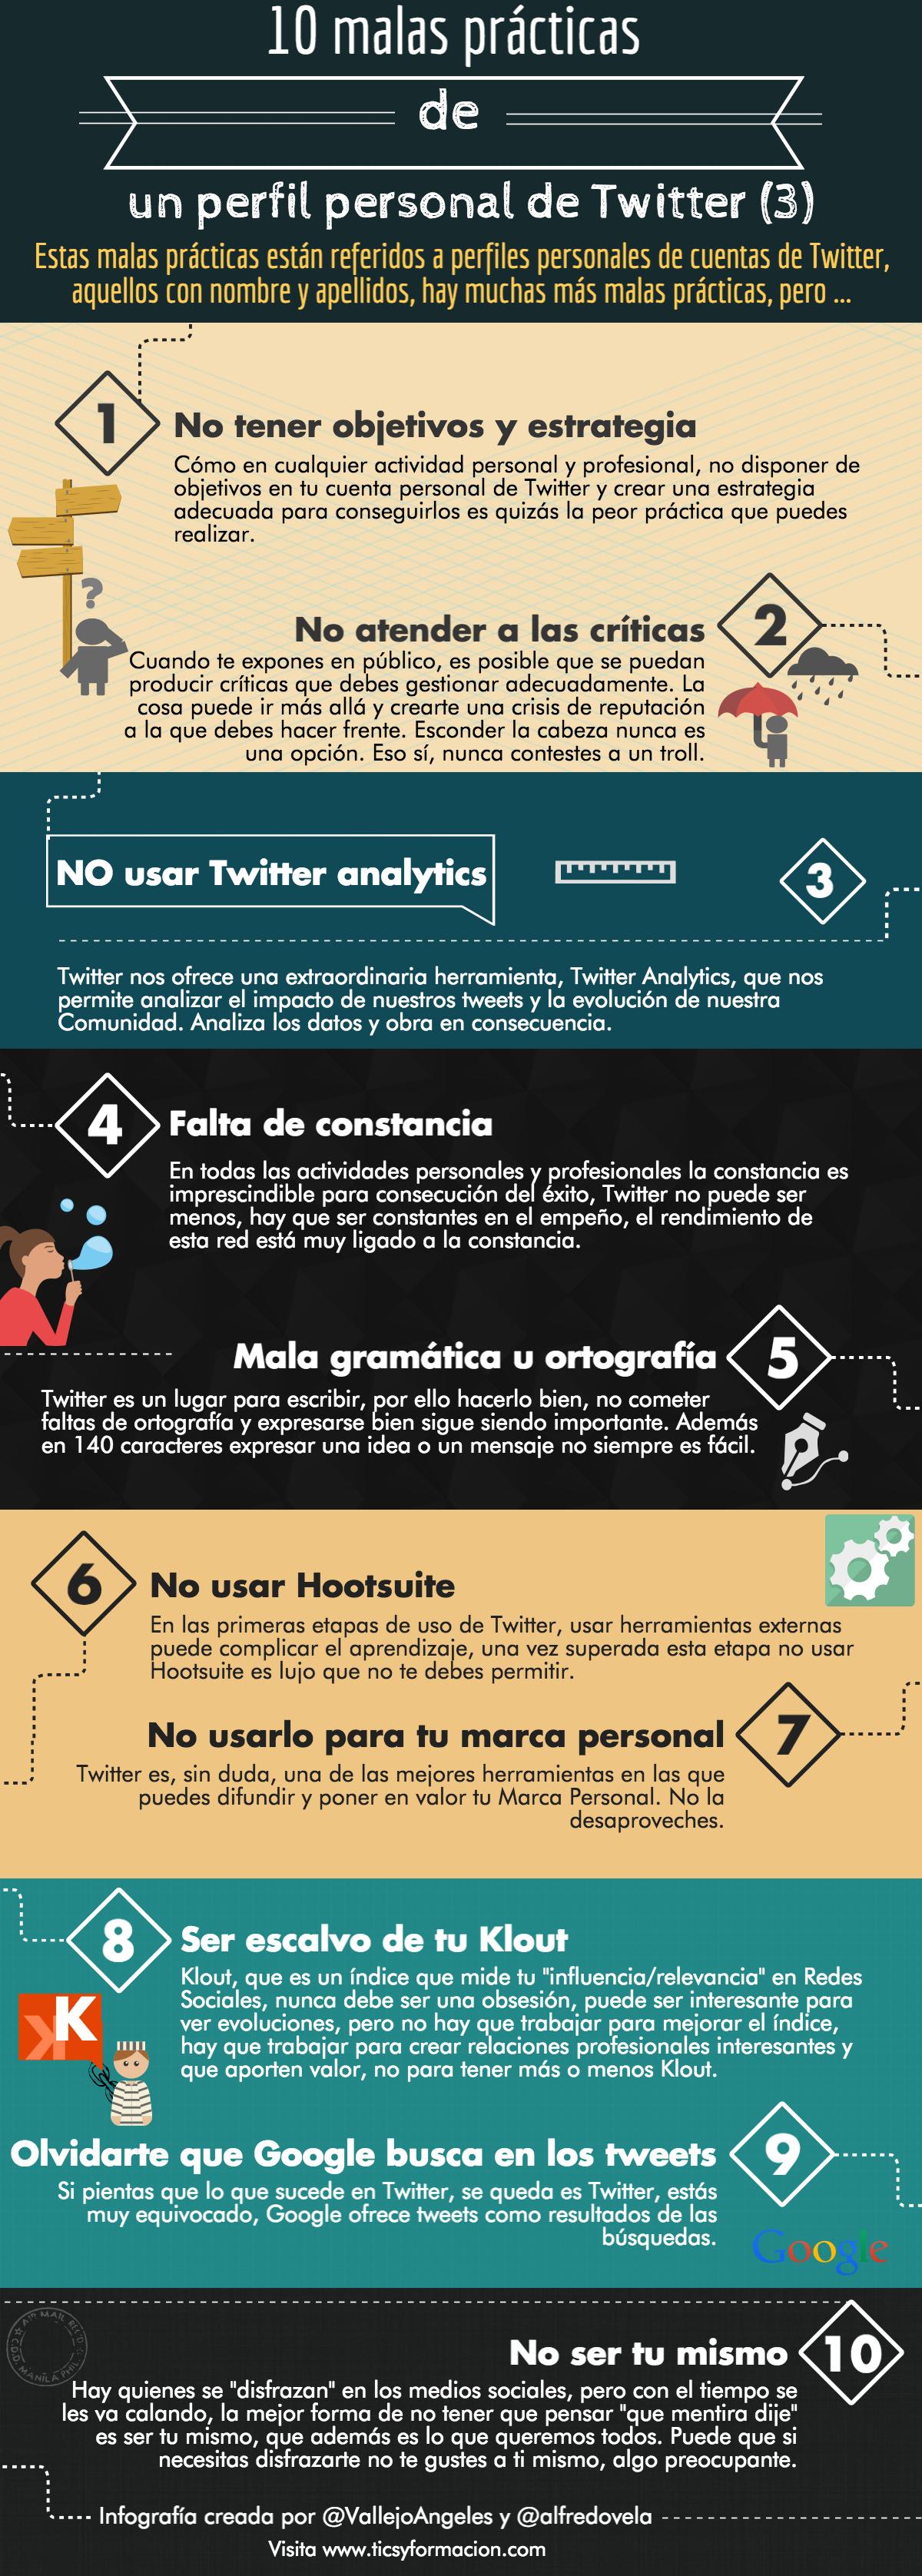 10 malas prácticas en un perfil personal de Twitter (III)